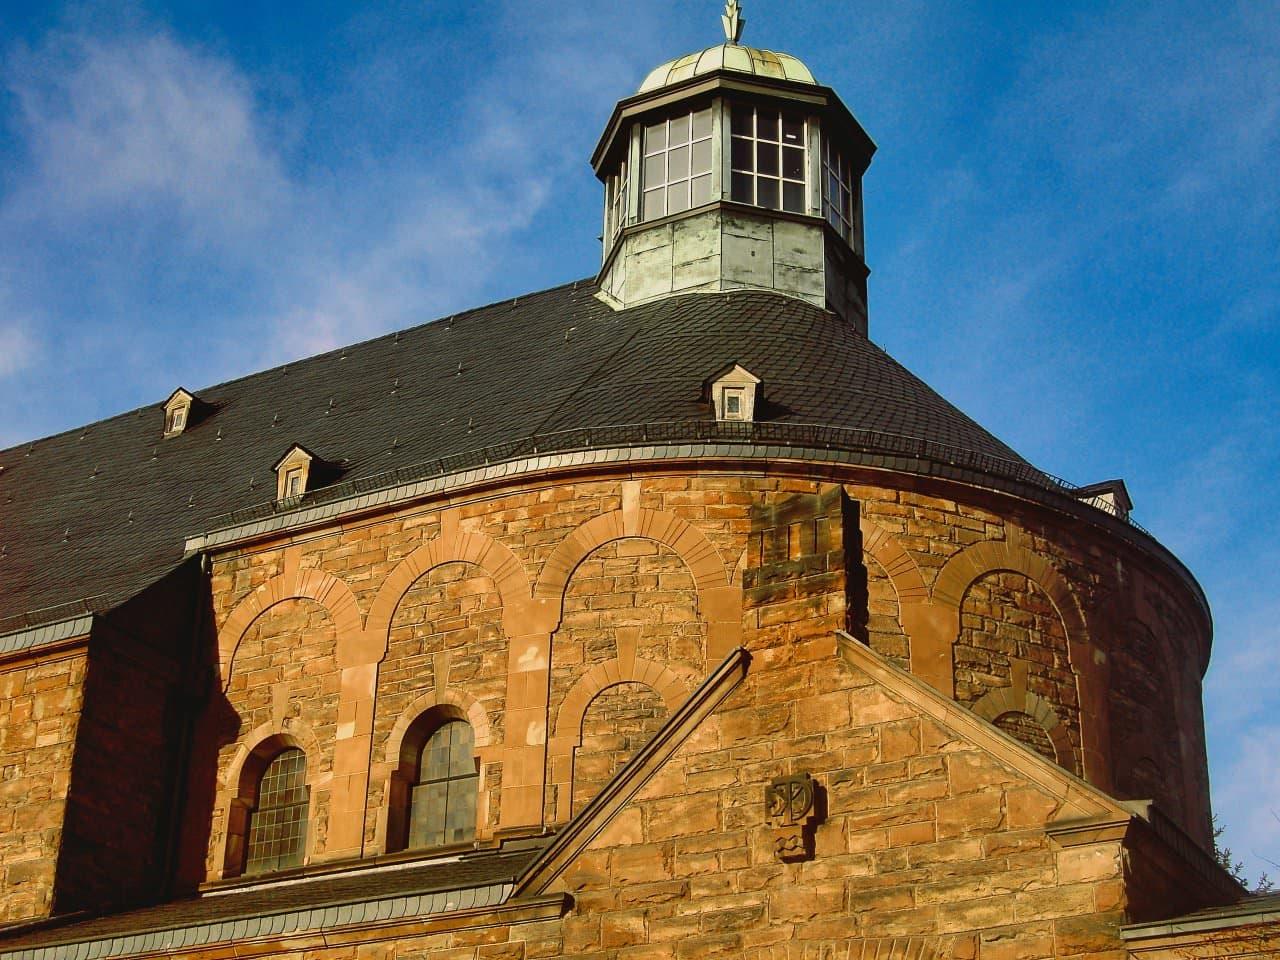 8 Kirche Christkönig in Saarbrücken Neueindeckung mit Schiefer